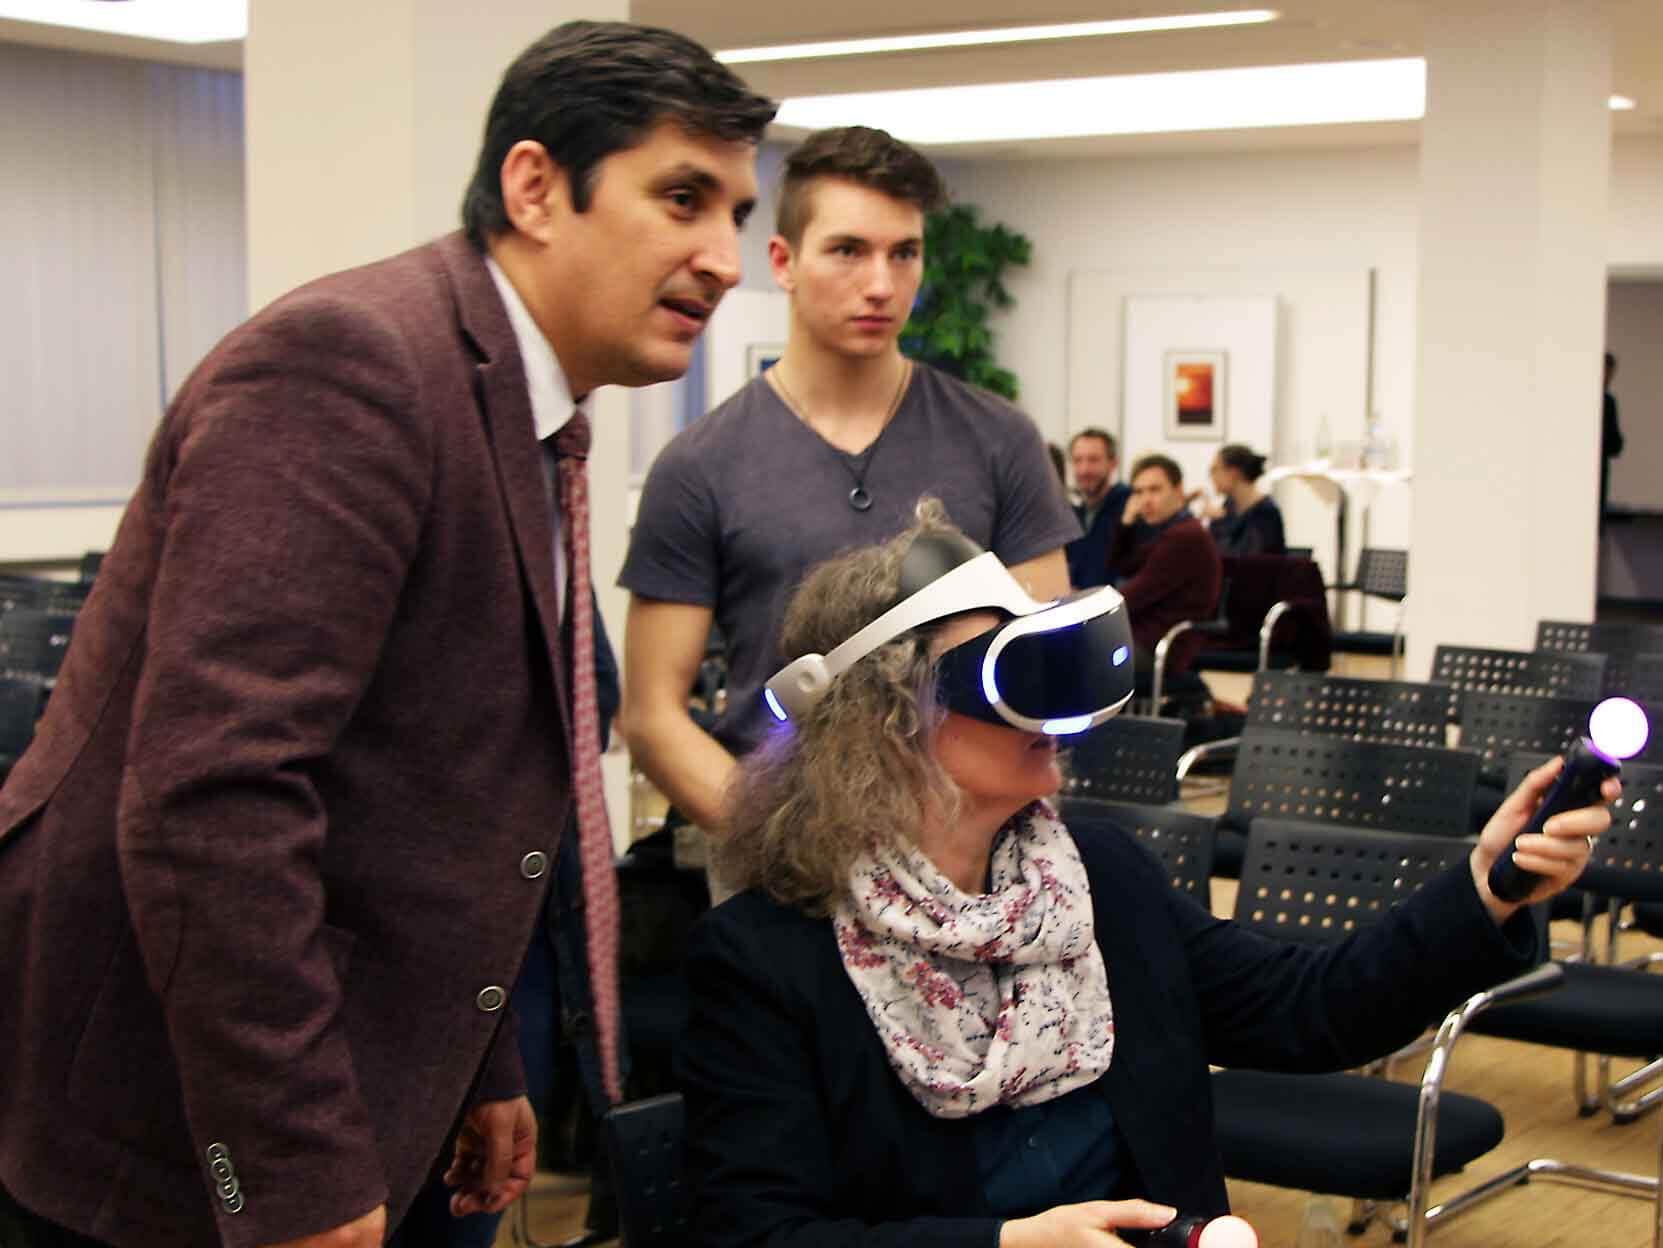 Cem Karakaya (li.) warnte vor den Risiken der VR-Brillen. Hier mit einer Teilnehmerin beim Testen einer VR-Brille.